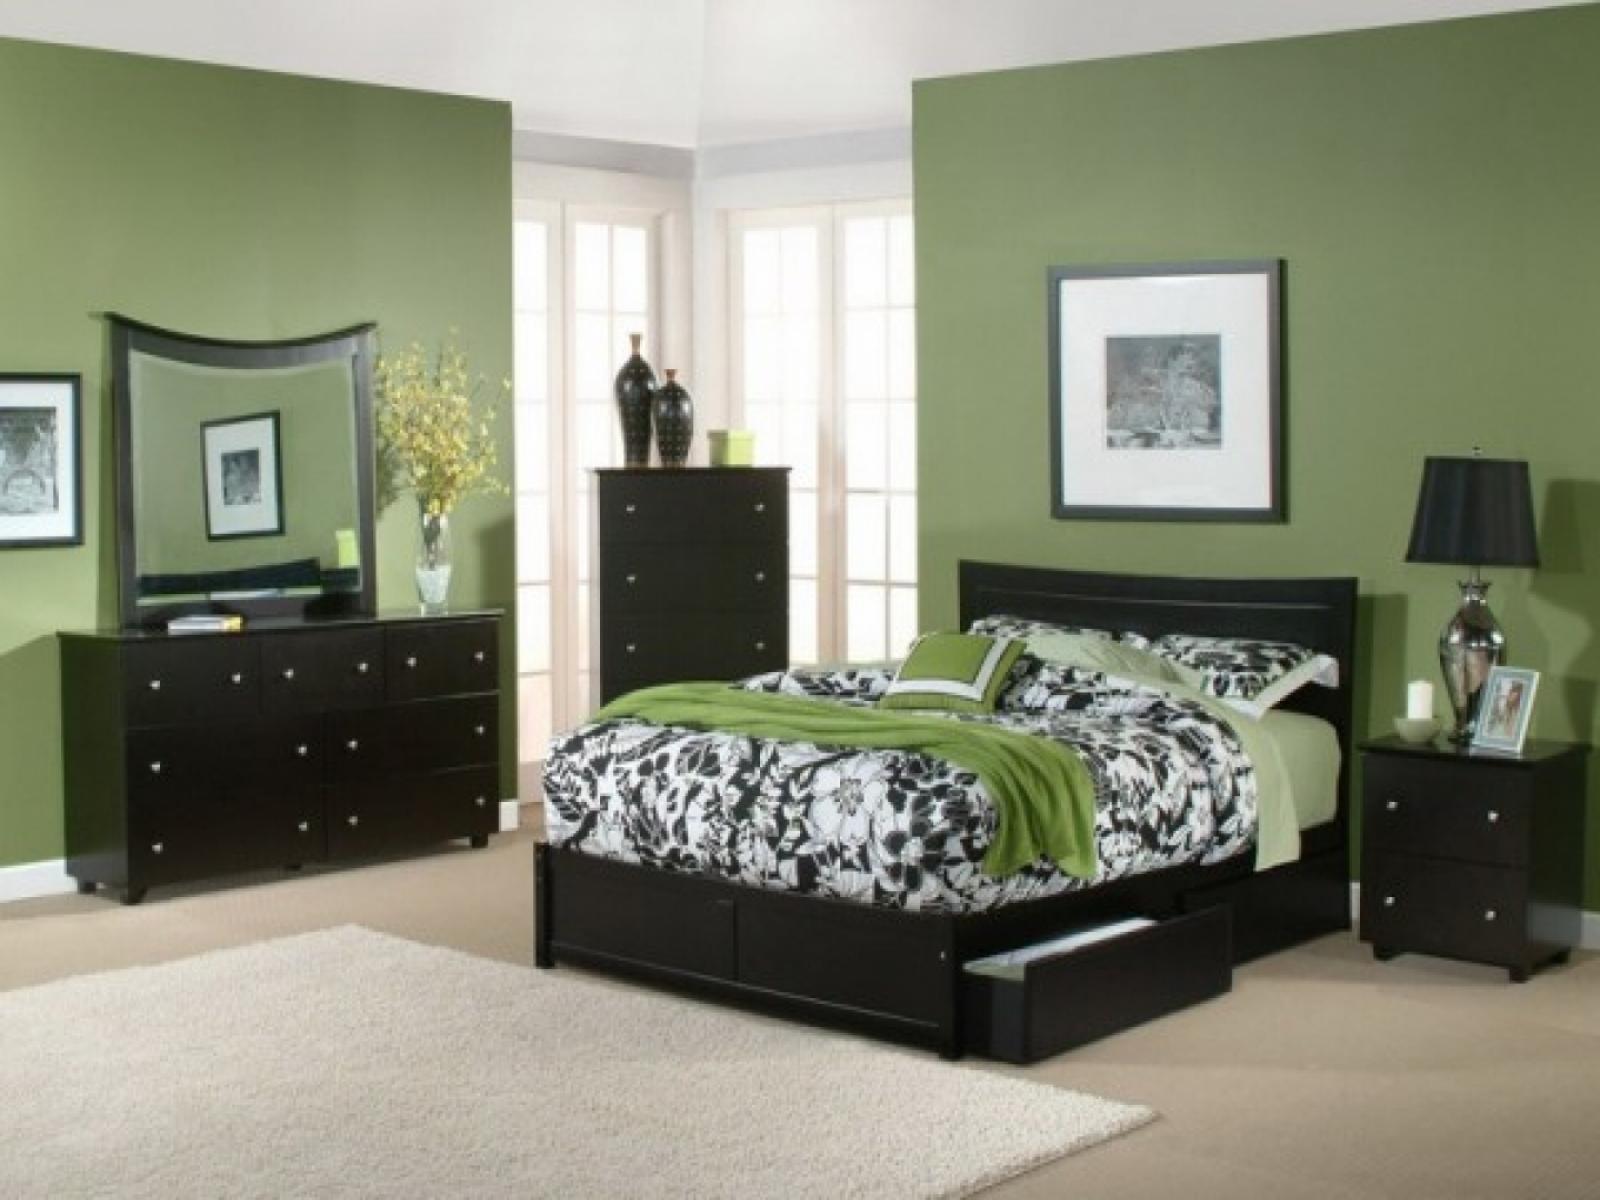 skaista pistāciju krāsa guļamistabas interjerā